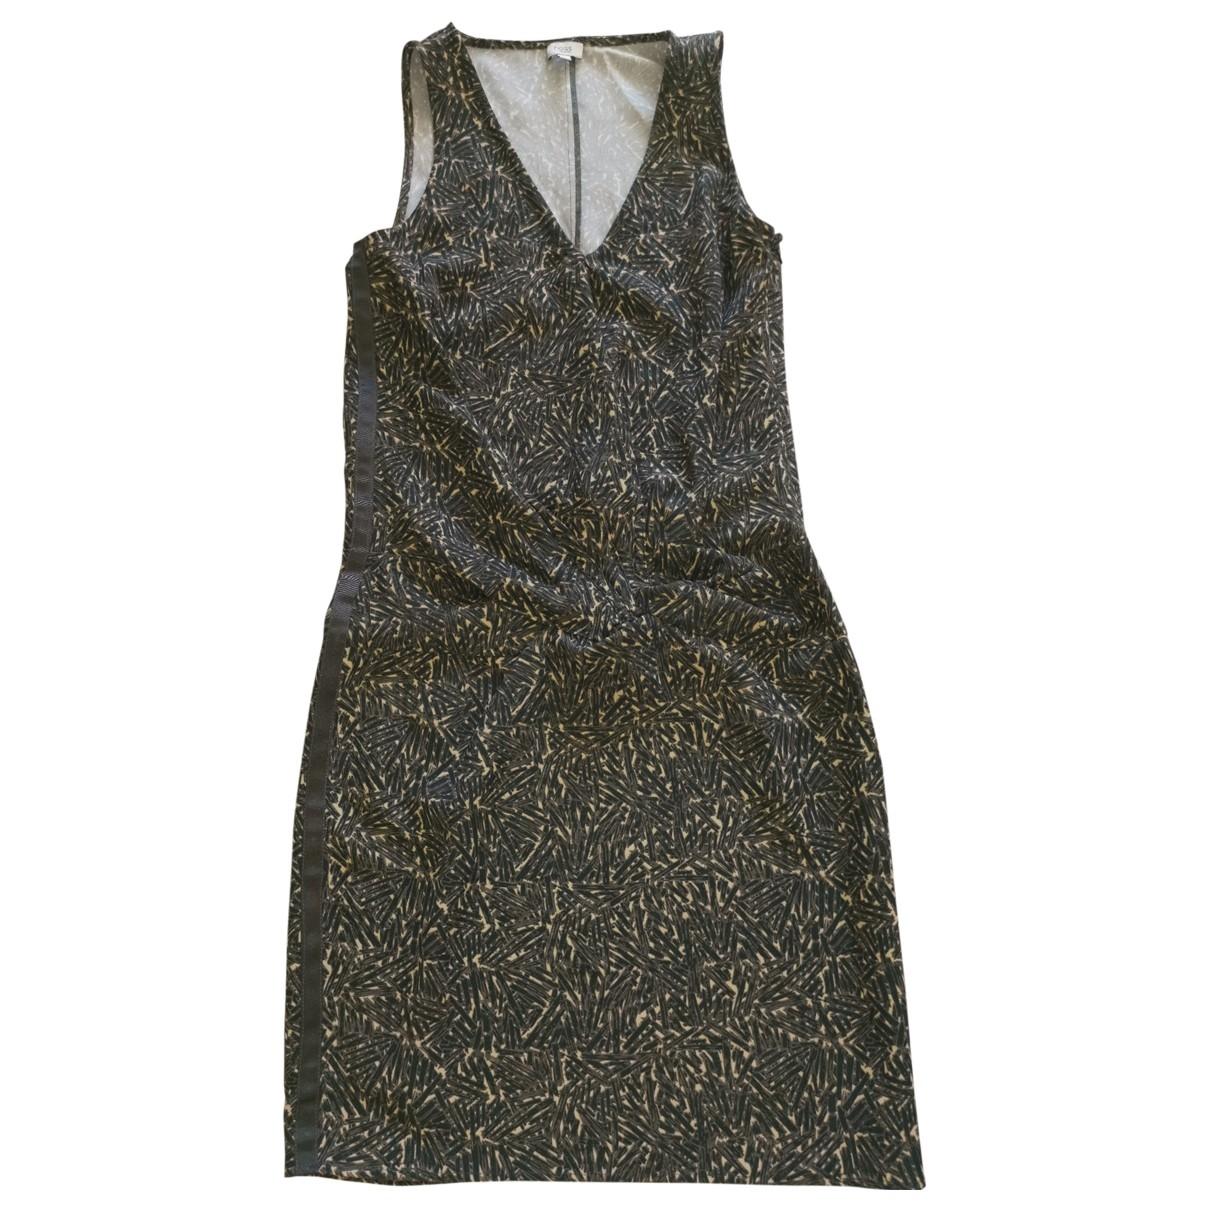 Hoss Intropia \N Multicolour dress for Women 34 FR